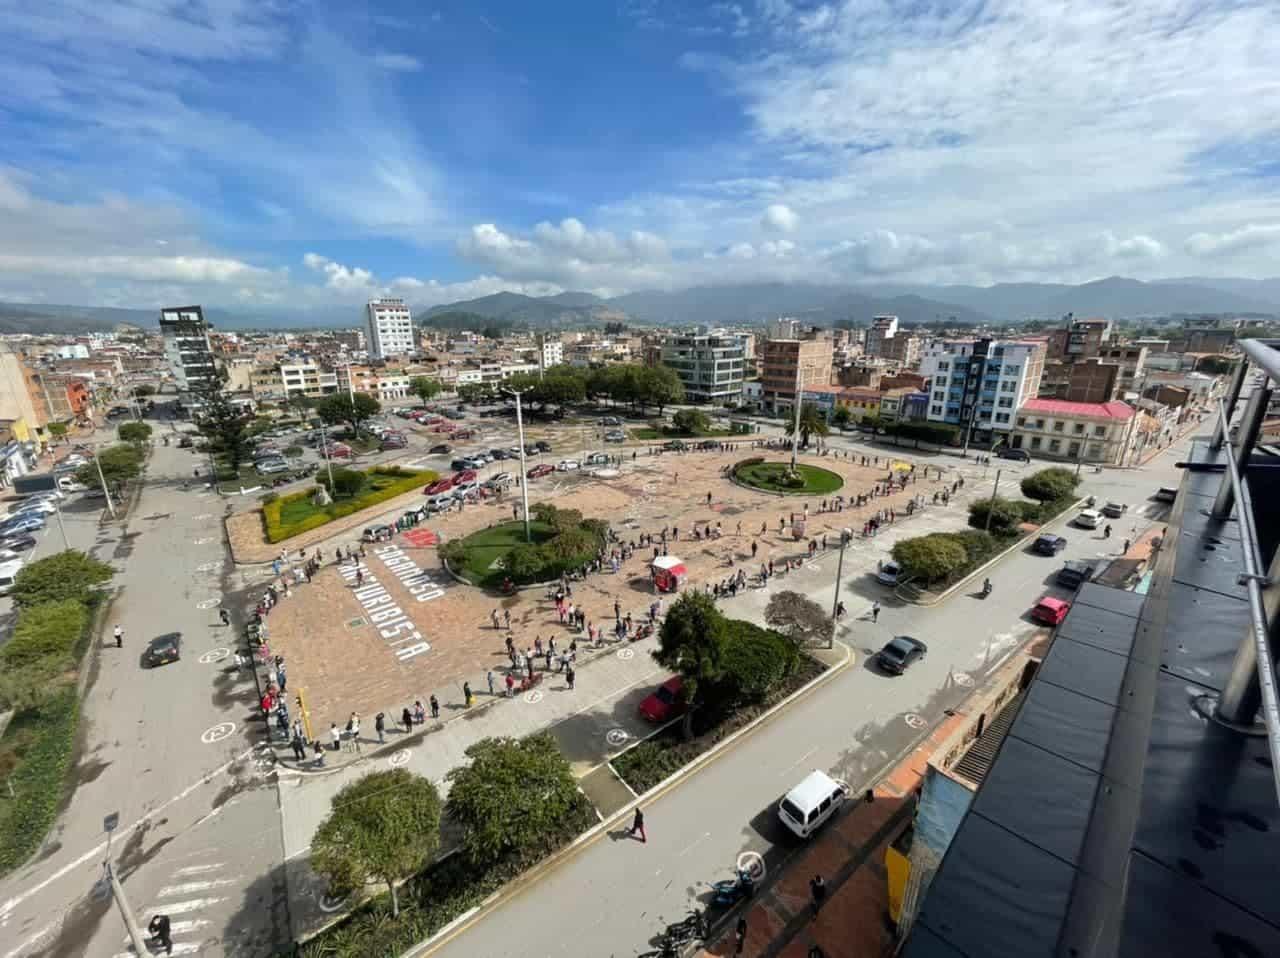 Hoy habrá protesta pacífica en Sogamoso por medidas #Tolditos7días 1